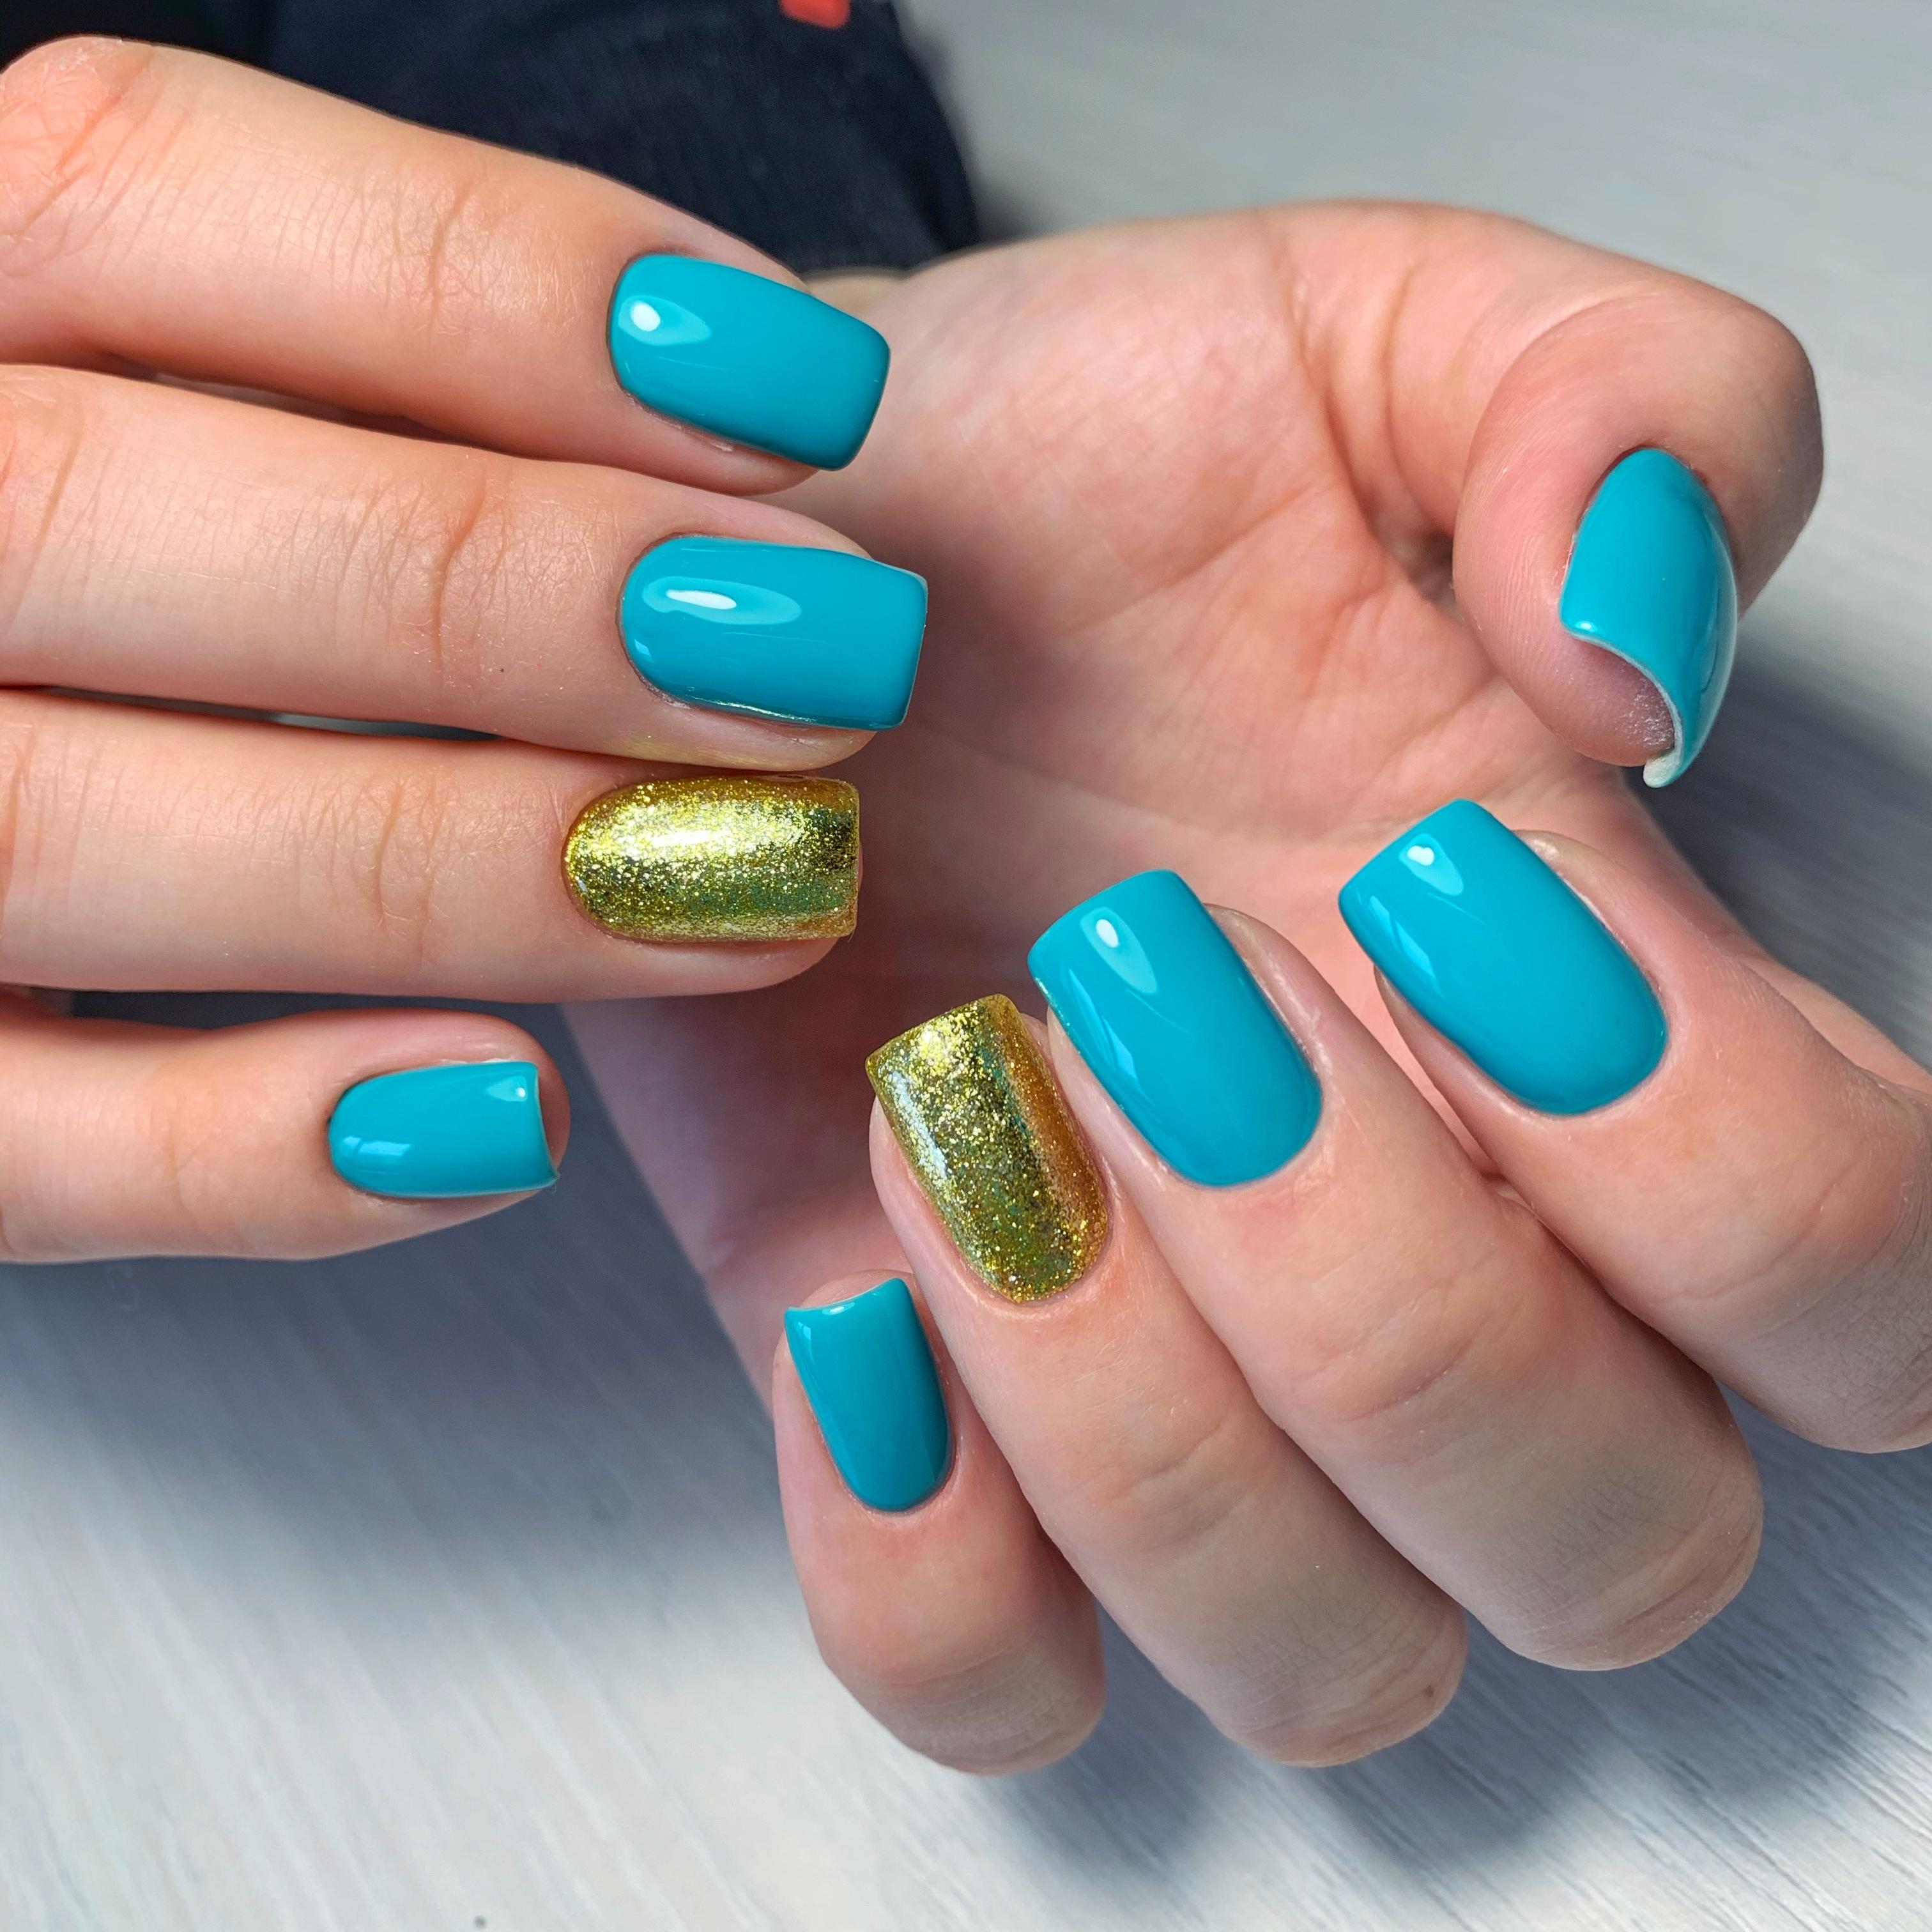 Маникюр с золотыми блестками в голубом цвете на короткие ногти.